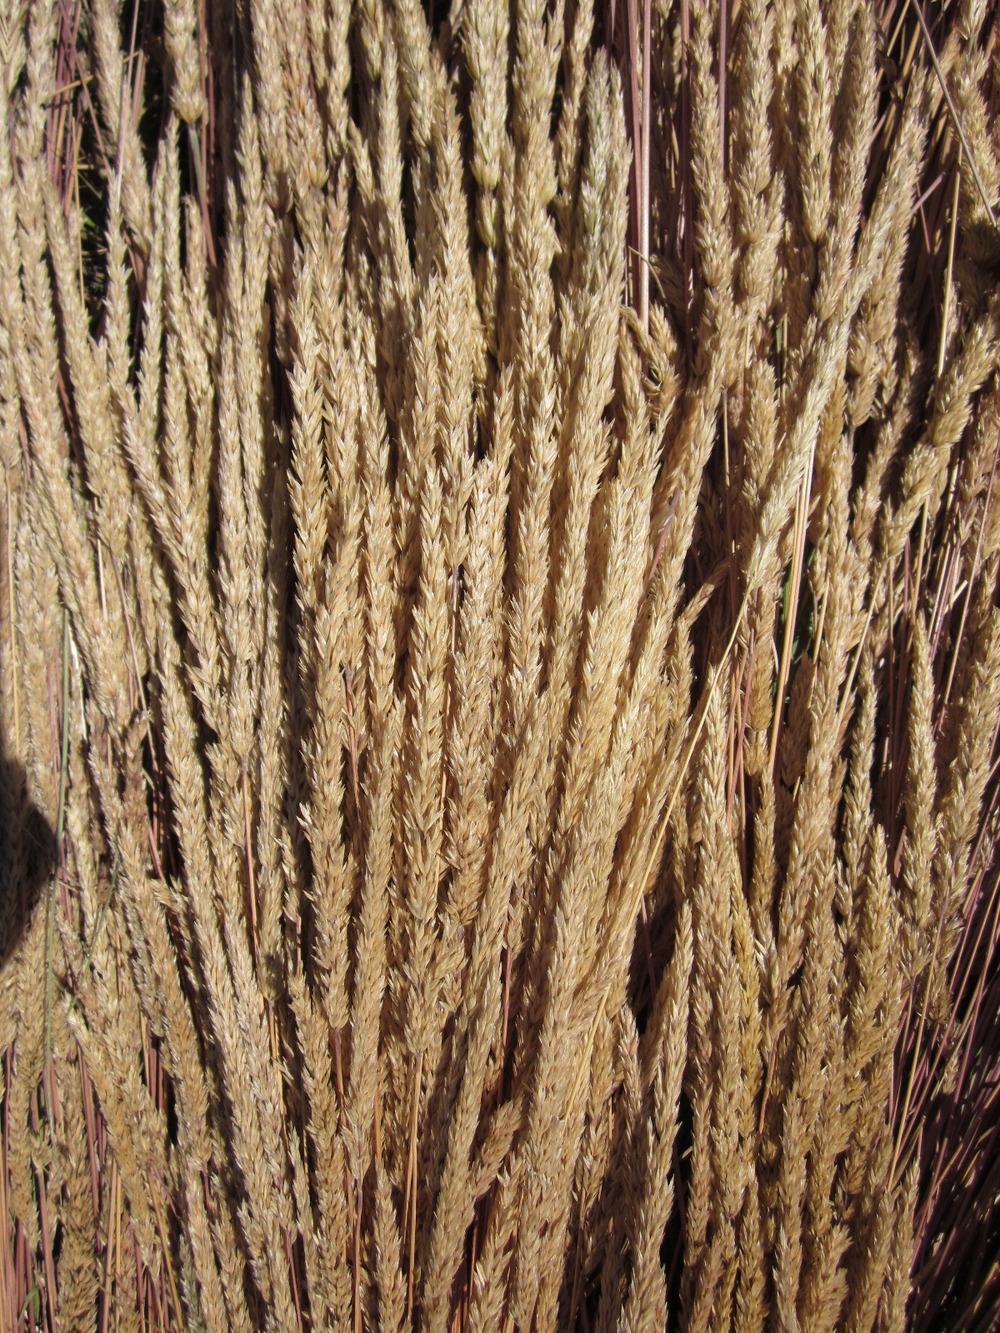 Umatilla Prairie Junegrass Koeleria macrantha (5).JPG